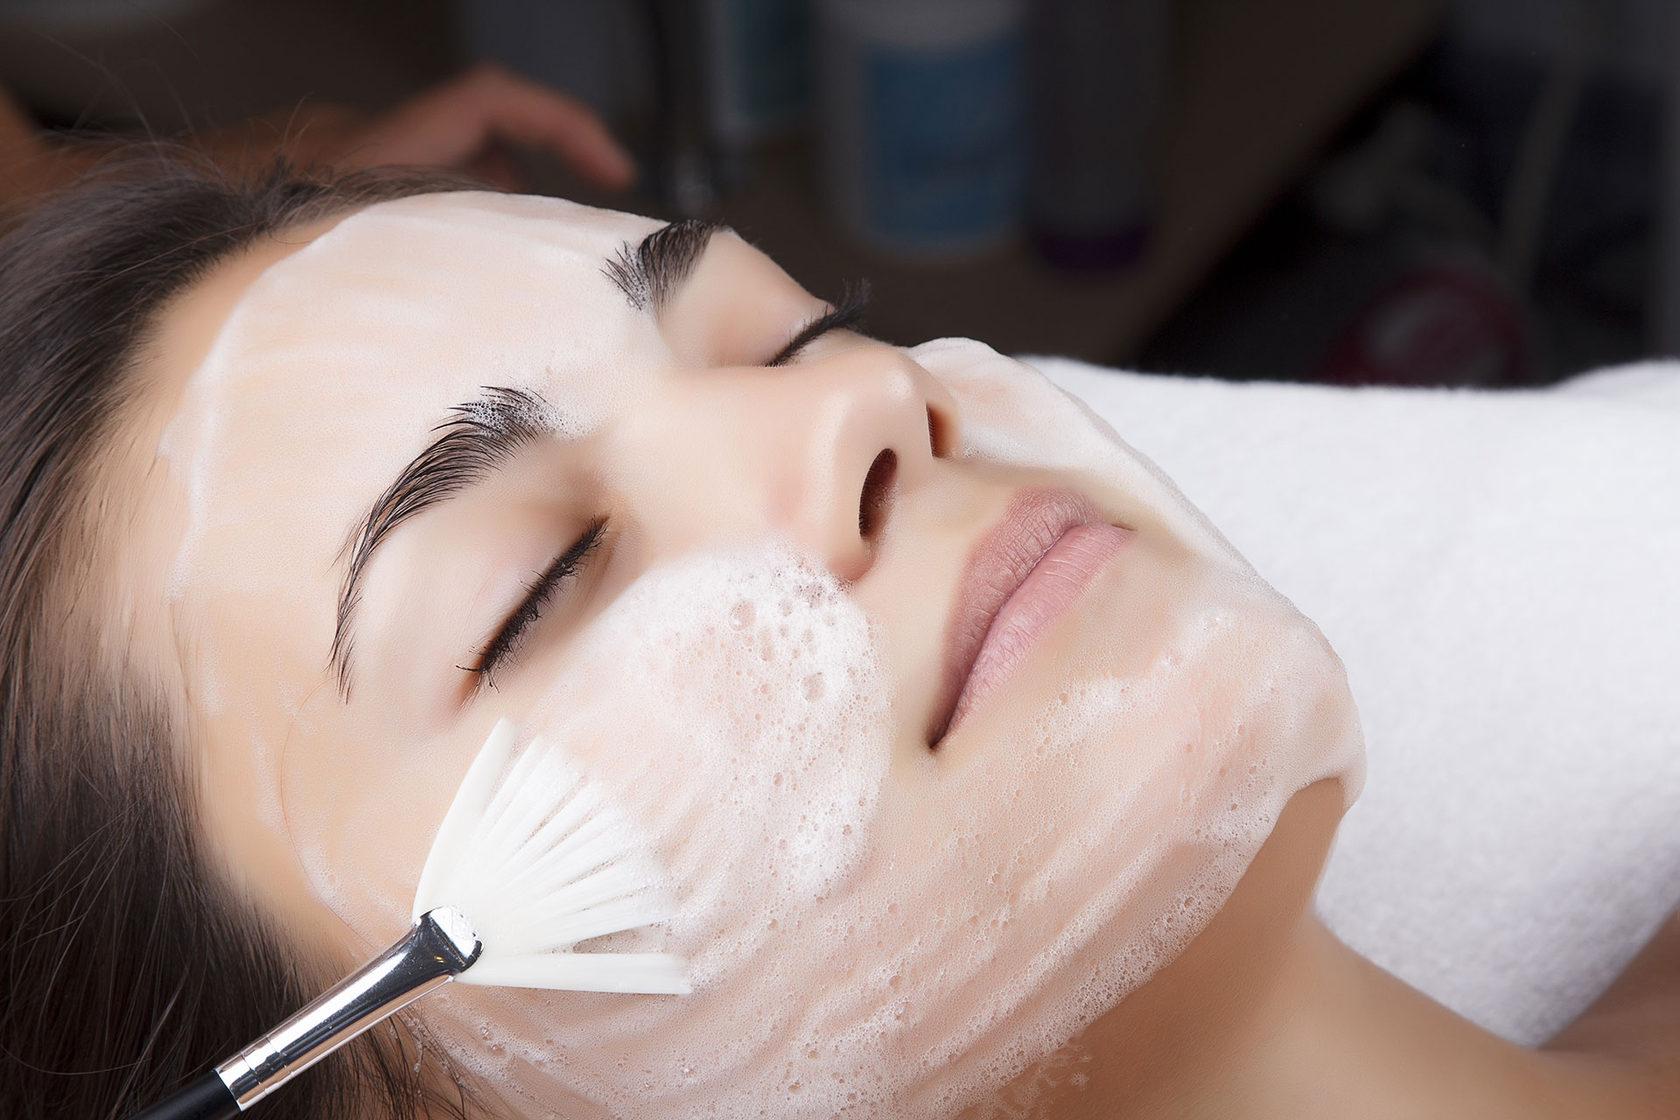 Карбокситерапия для лица - что это такое в косметологии, отзывы про безинъекционную и инъекционную процедуру карбокси, уколы в косметологии